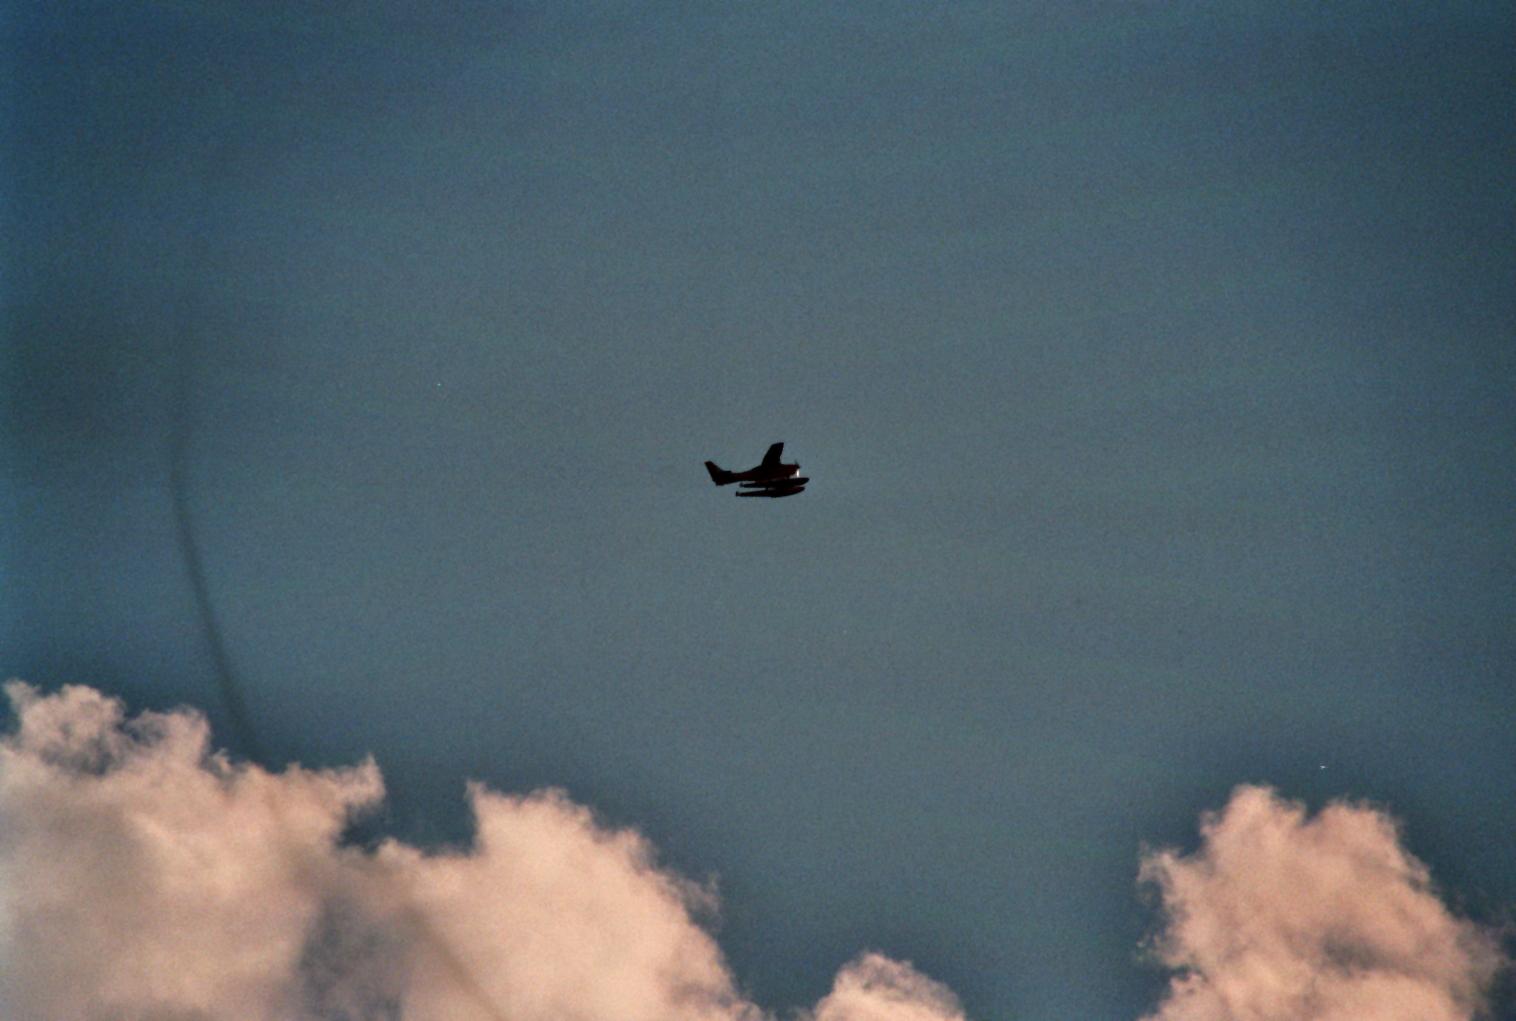 Wasserflugzeug im Gegenlicht